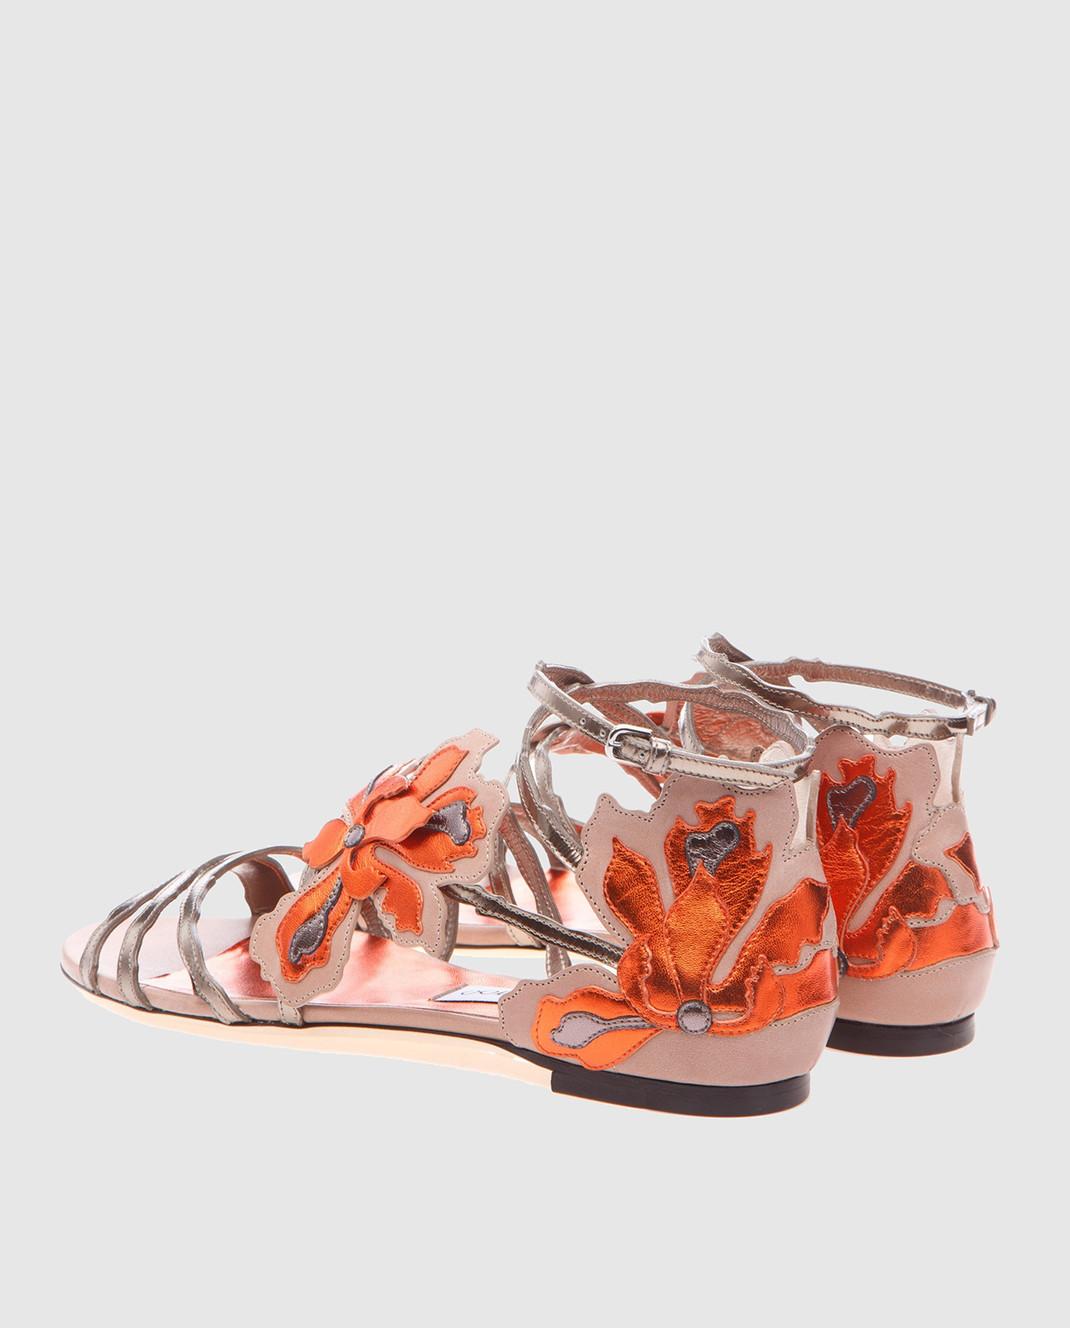 Jimmy Choo Золотистые кожаные сандалии Lolita LOLITAFLATMIV изображение 4